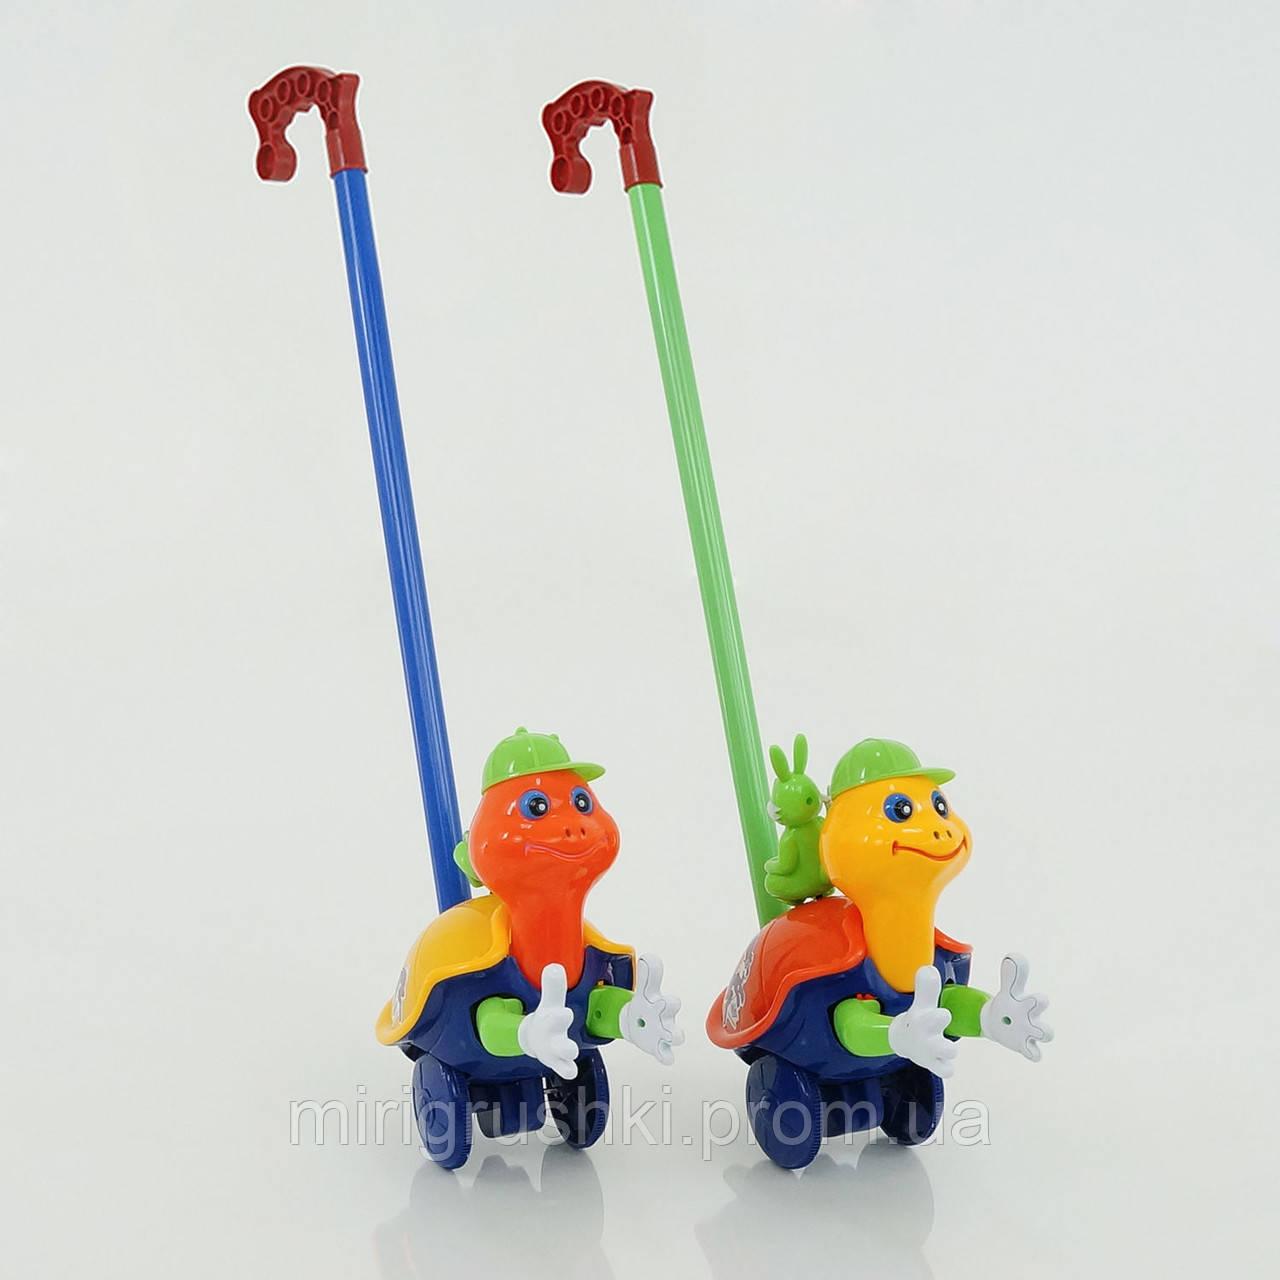 """Каталка """"Черепашка"""" на палочке, хлопает в ладоши, 2 цвета, с погремушкой, в кульке"""